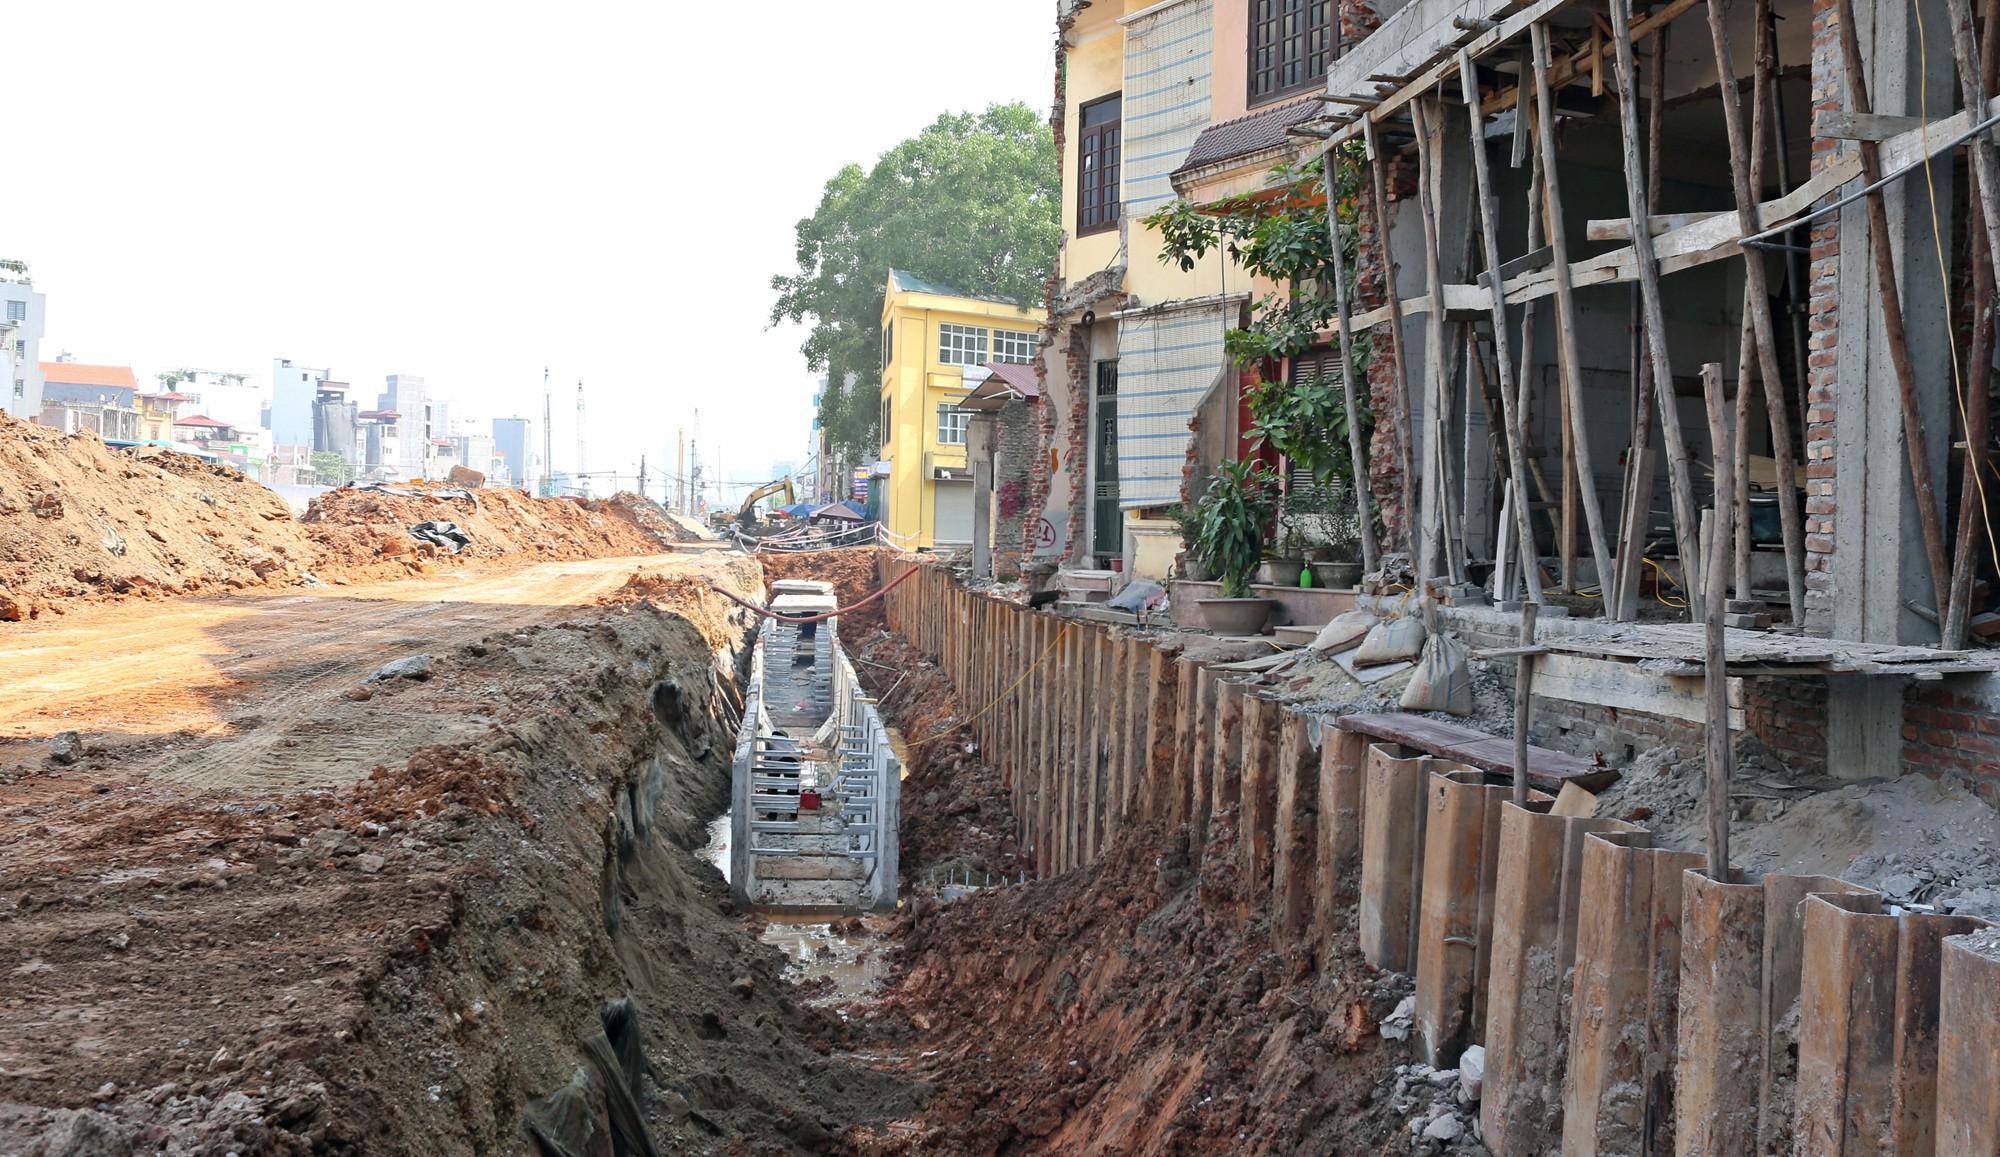 Hà Nội: Người dân bắc cầu vào nhà trên đường Phạm Văn Đồng - Ảnh 2.